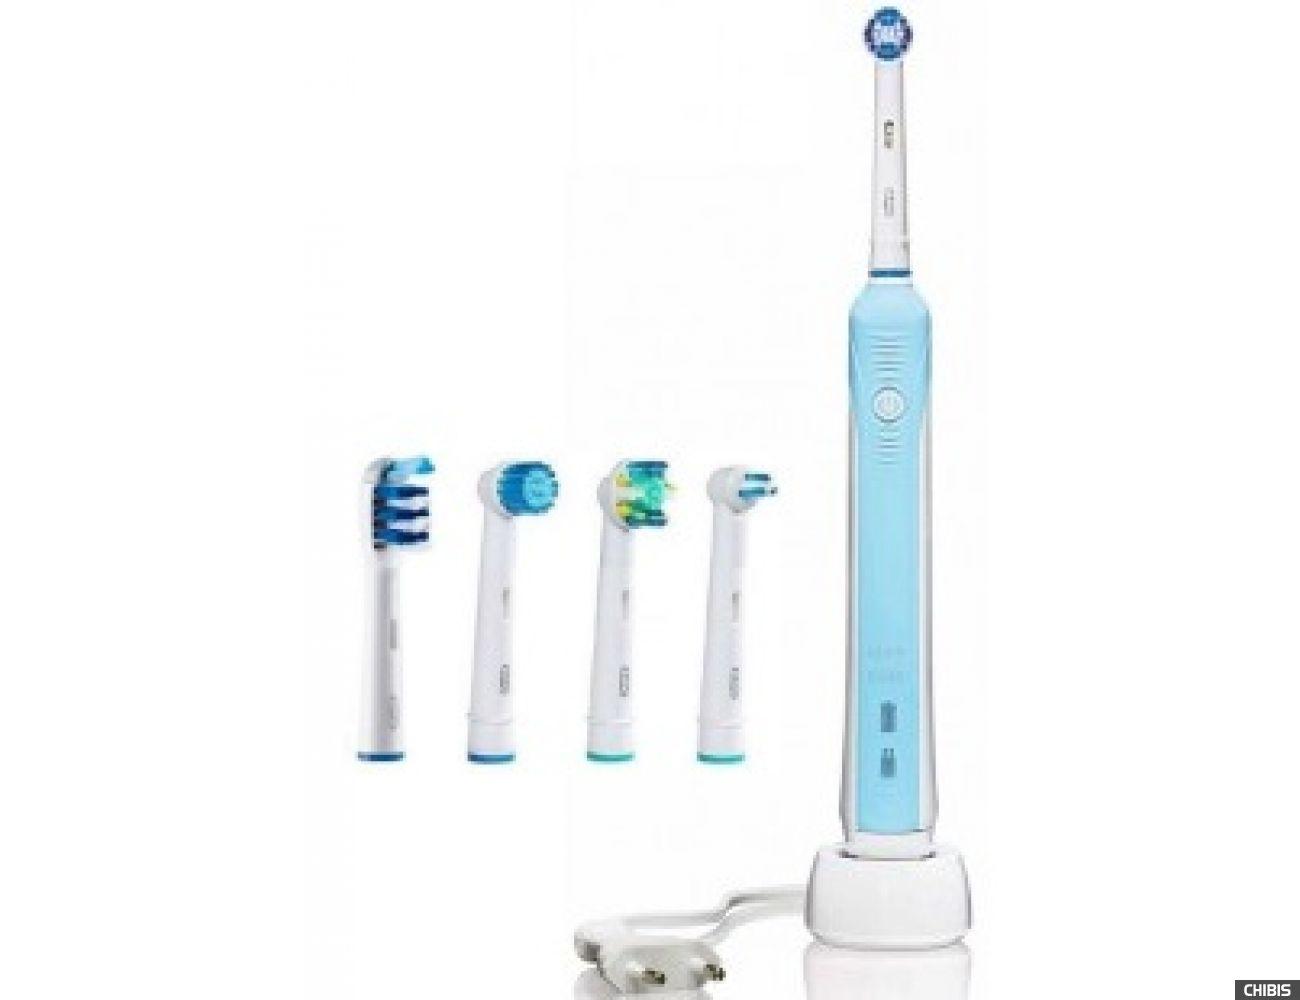 Электрическая зубная щетка Oral B Braun Professional Care 500 5 насадок